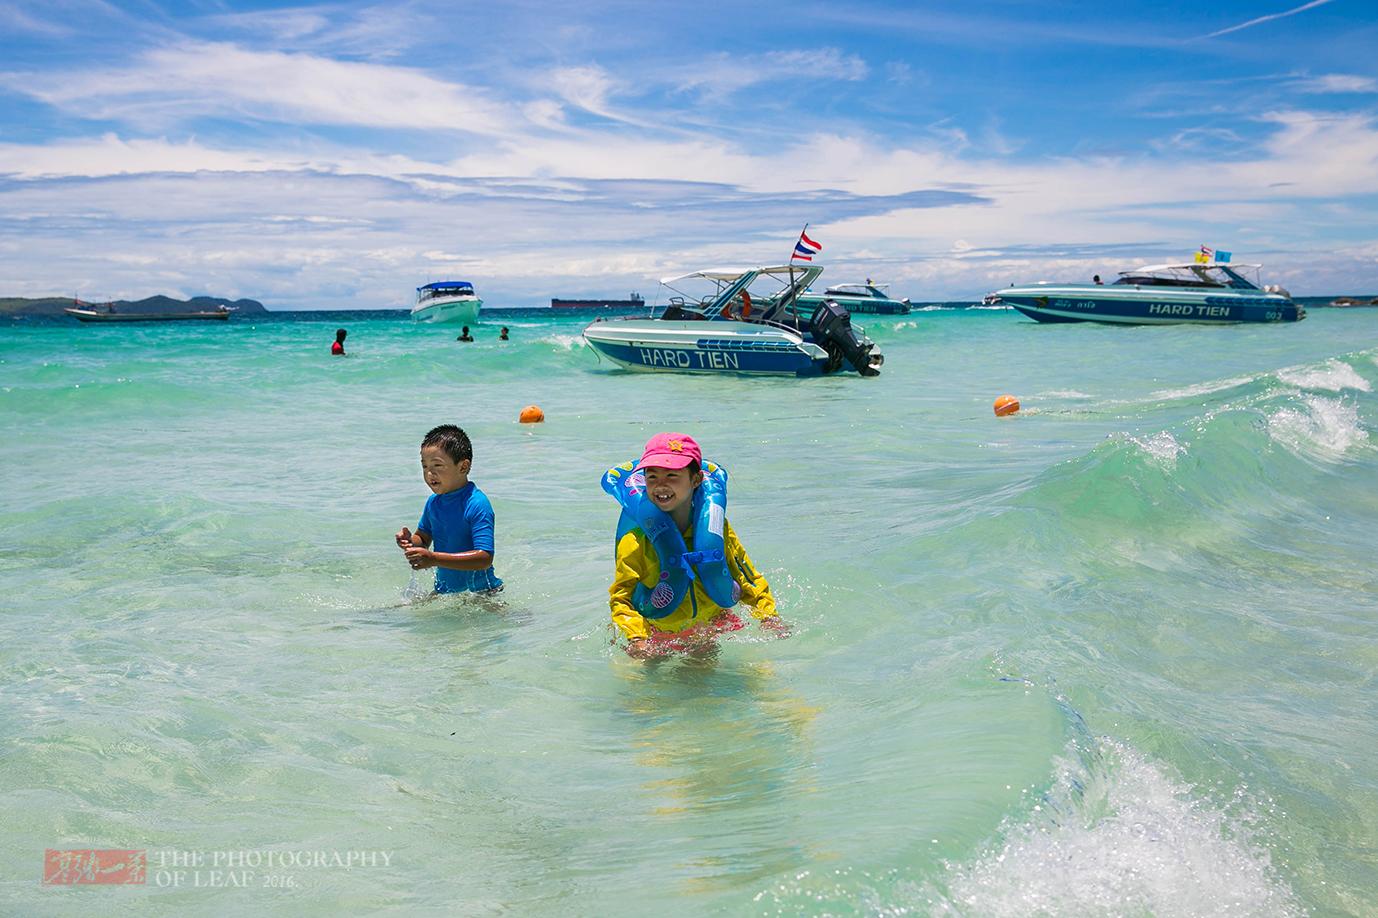 芭堤雅格蘭島,盡享陽光與沙灘